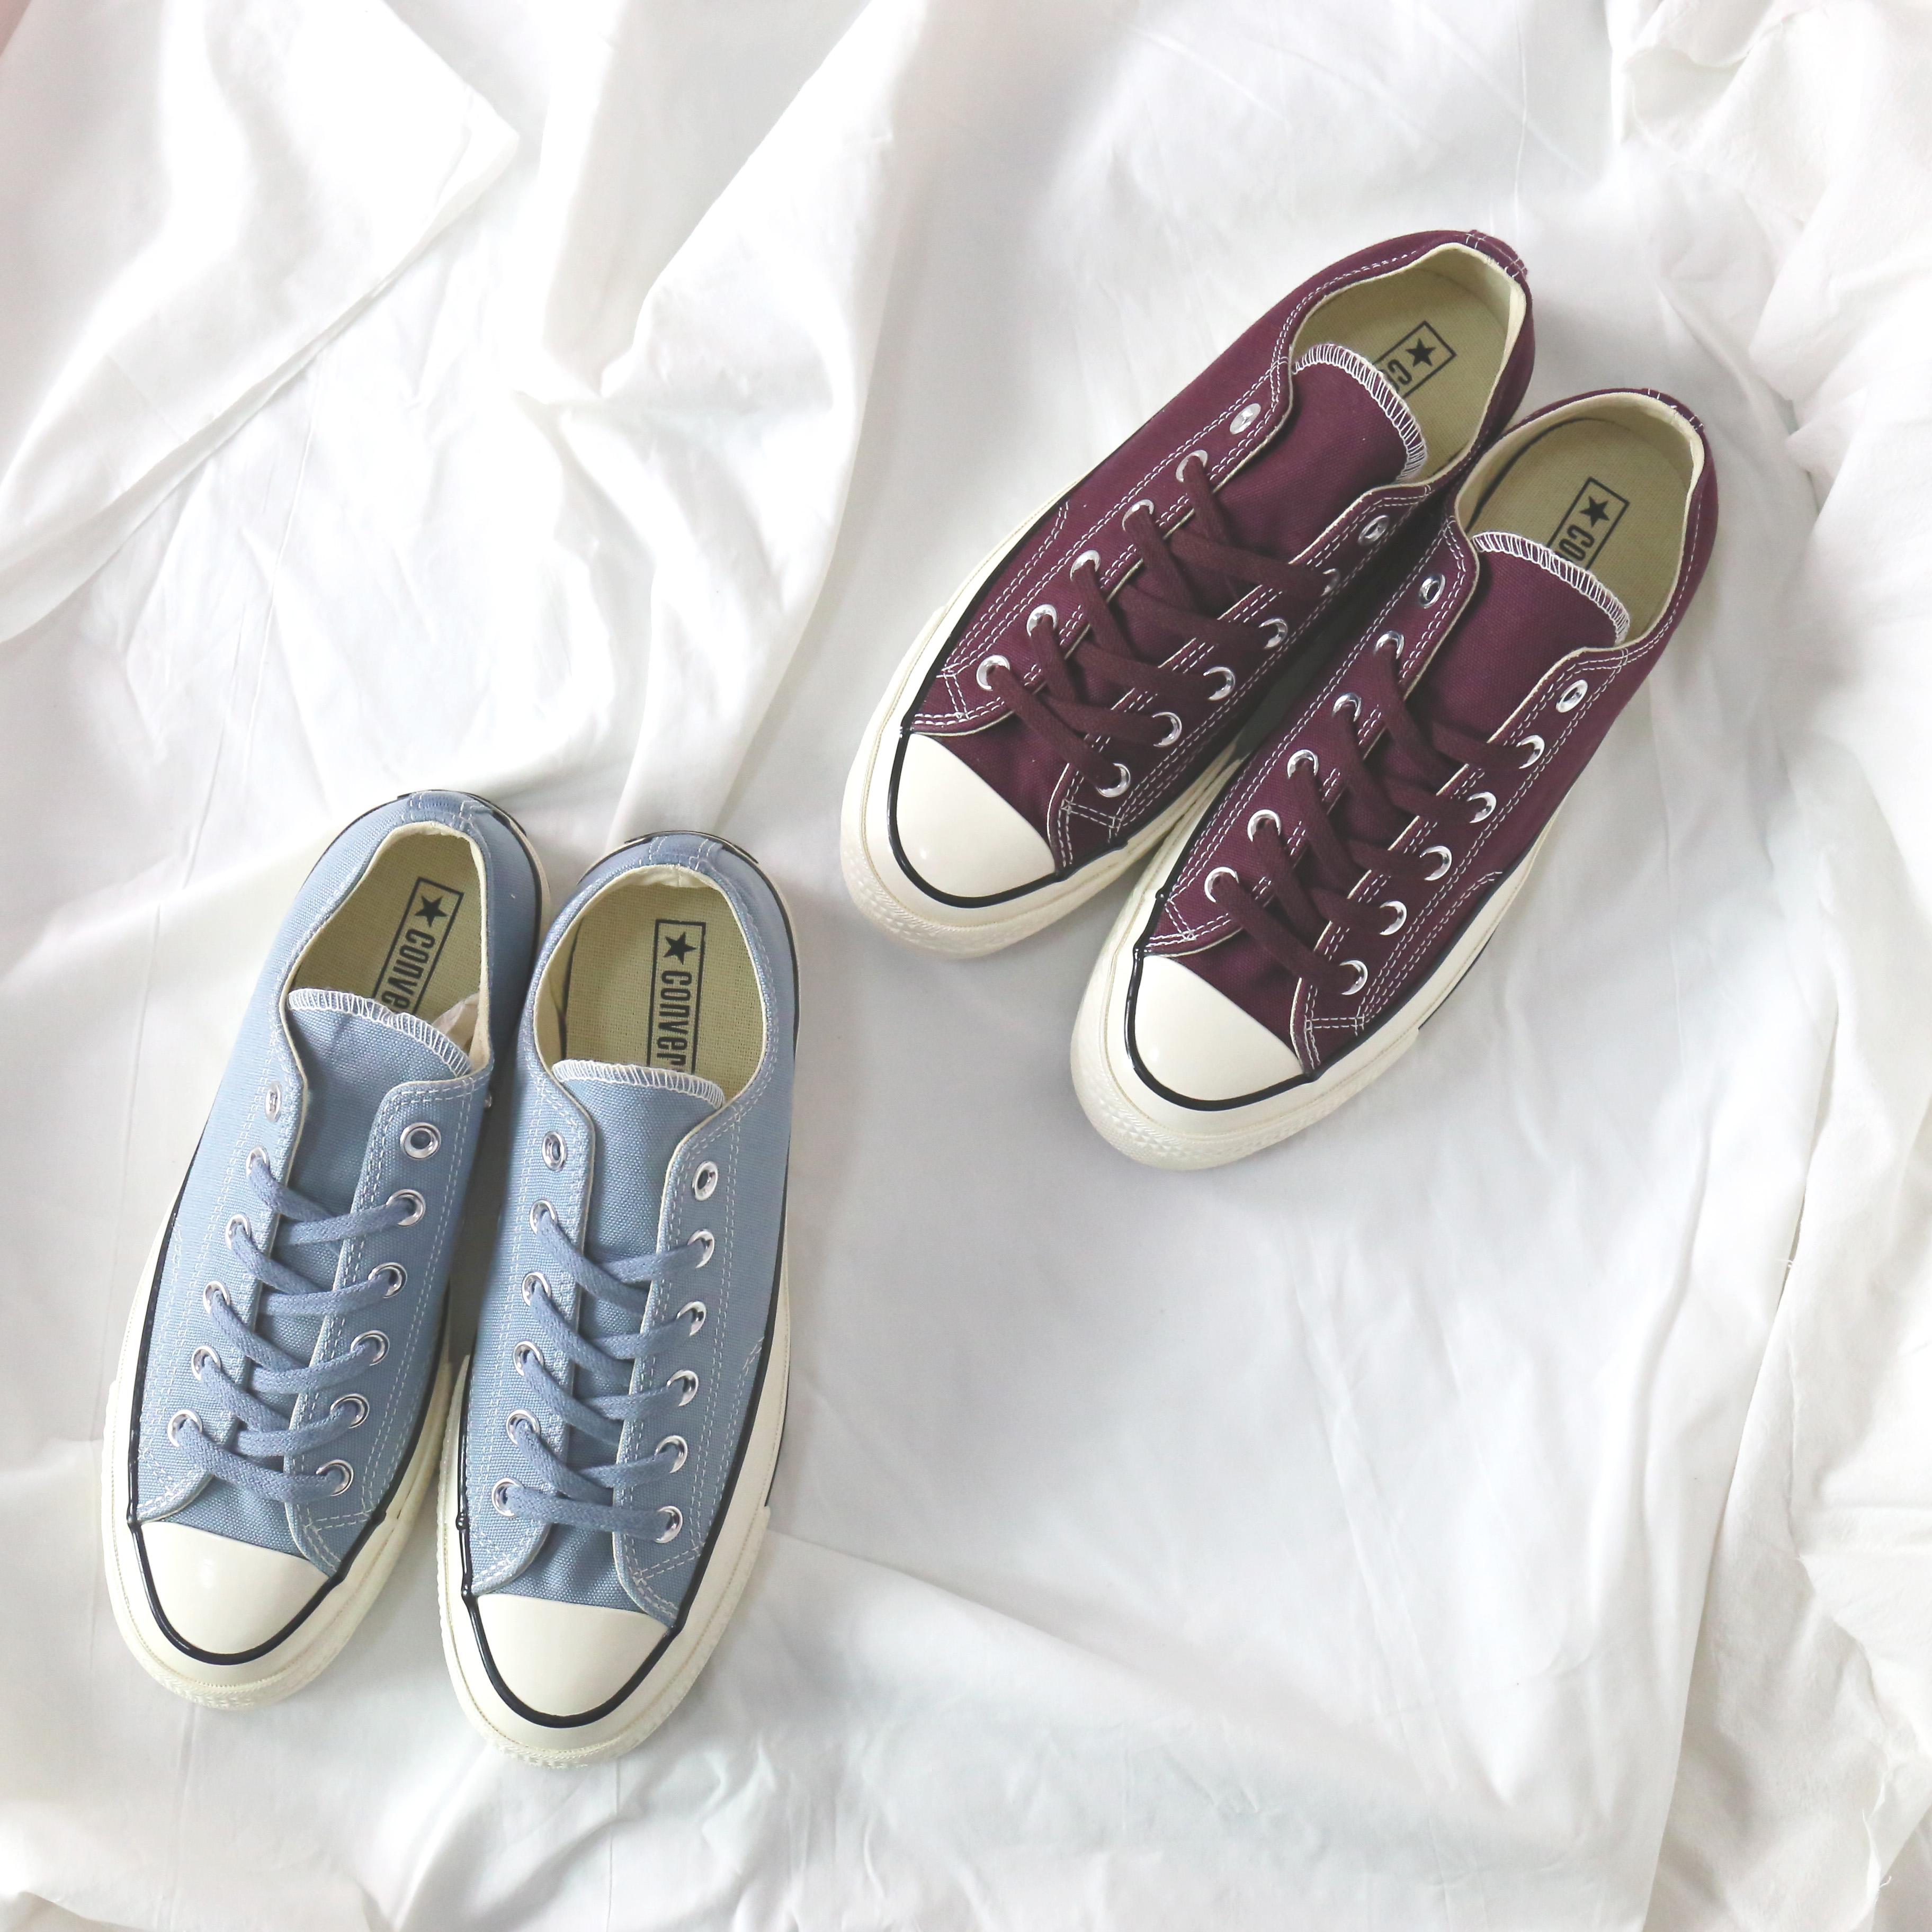 现货Converse 匡威1970s酒红浅蓝低帮三星标帆布鞋157545C157544C